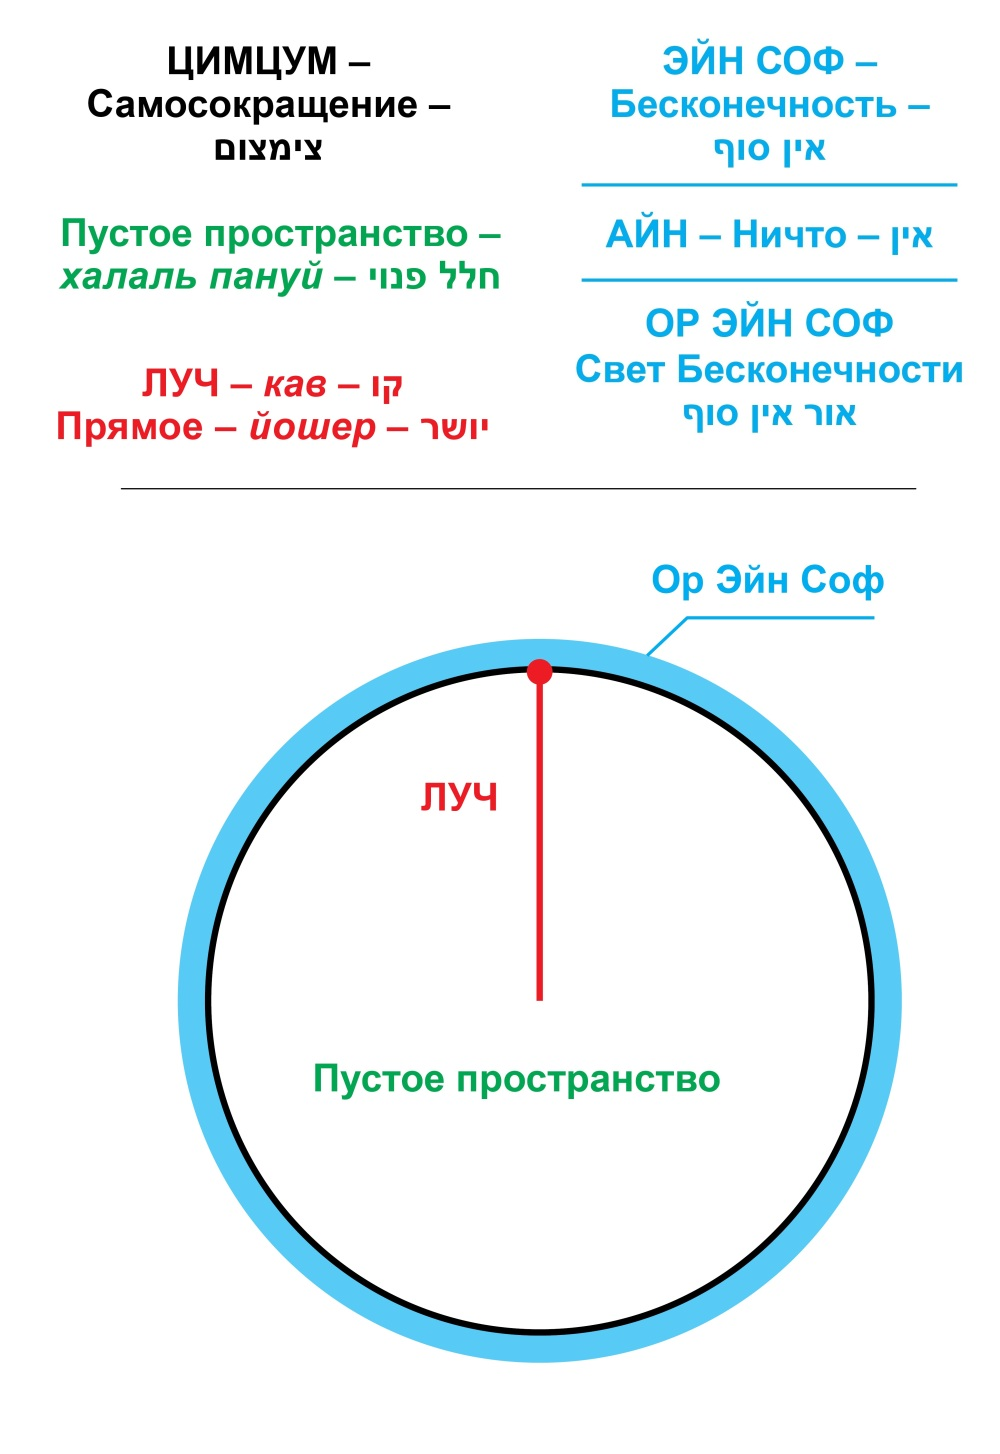 ade2df74dfab5941a518267ec4a54b8b